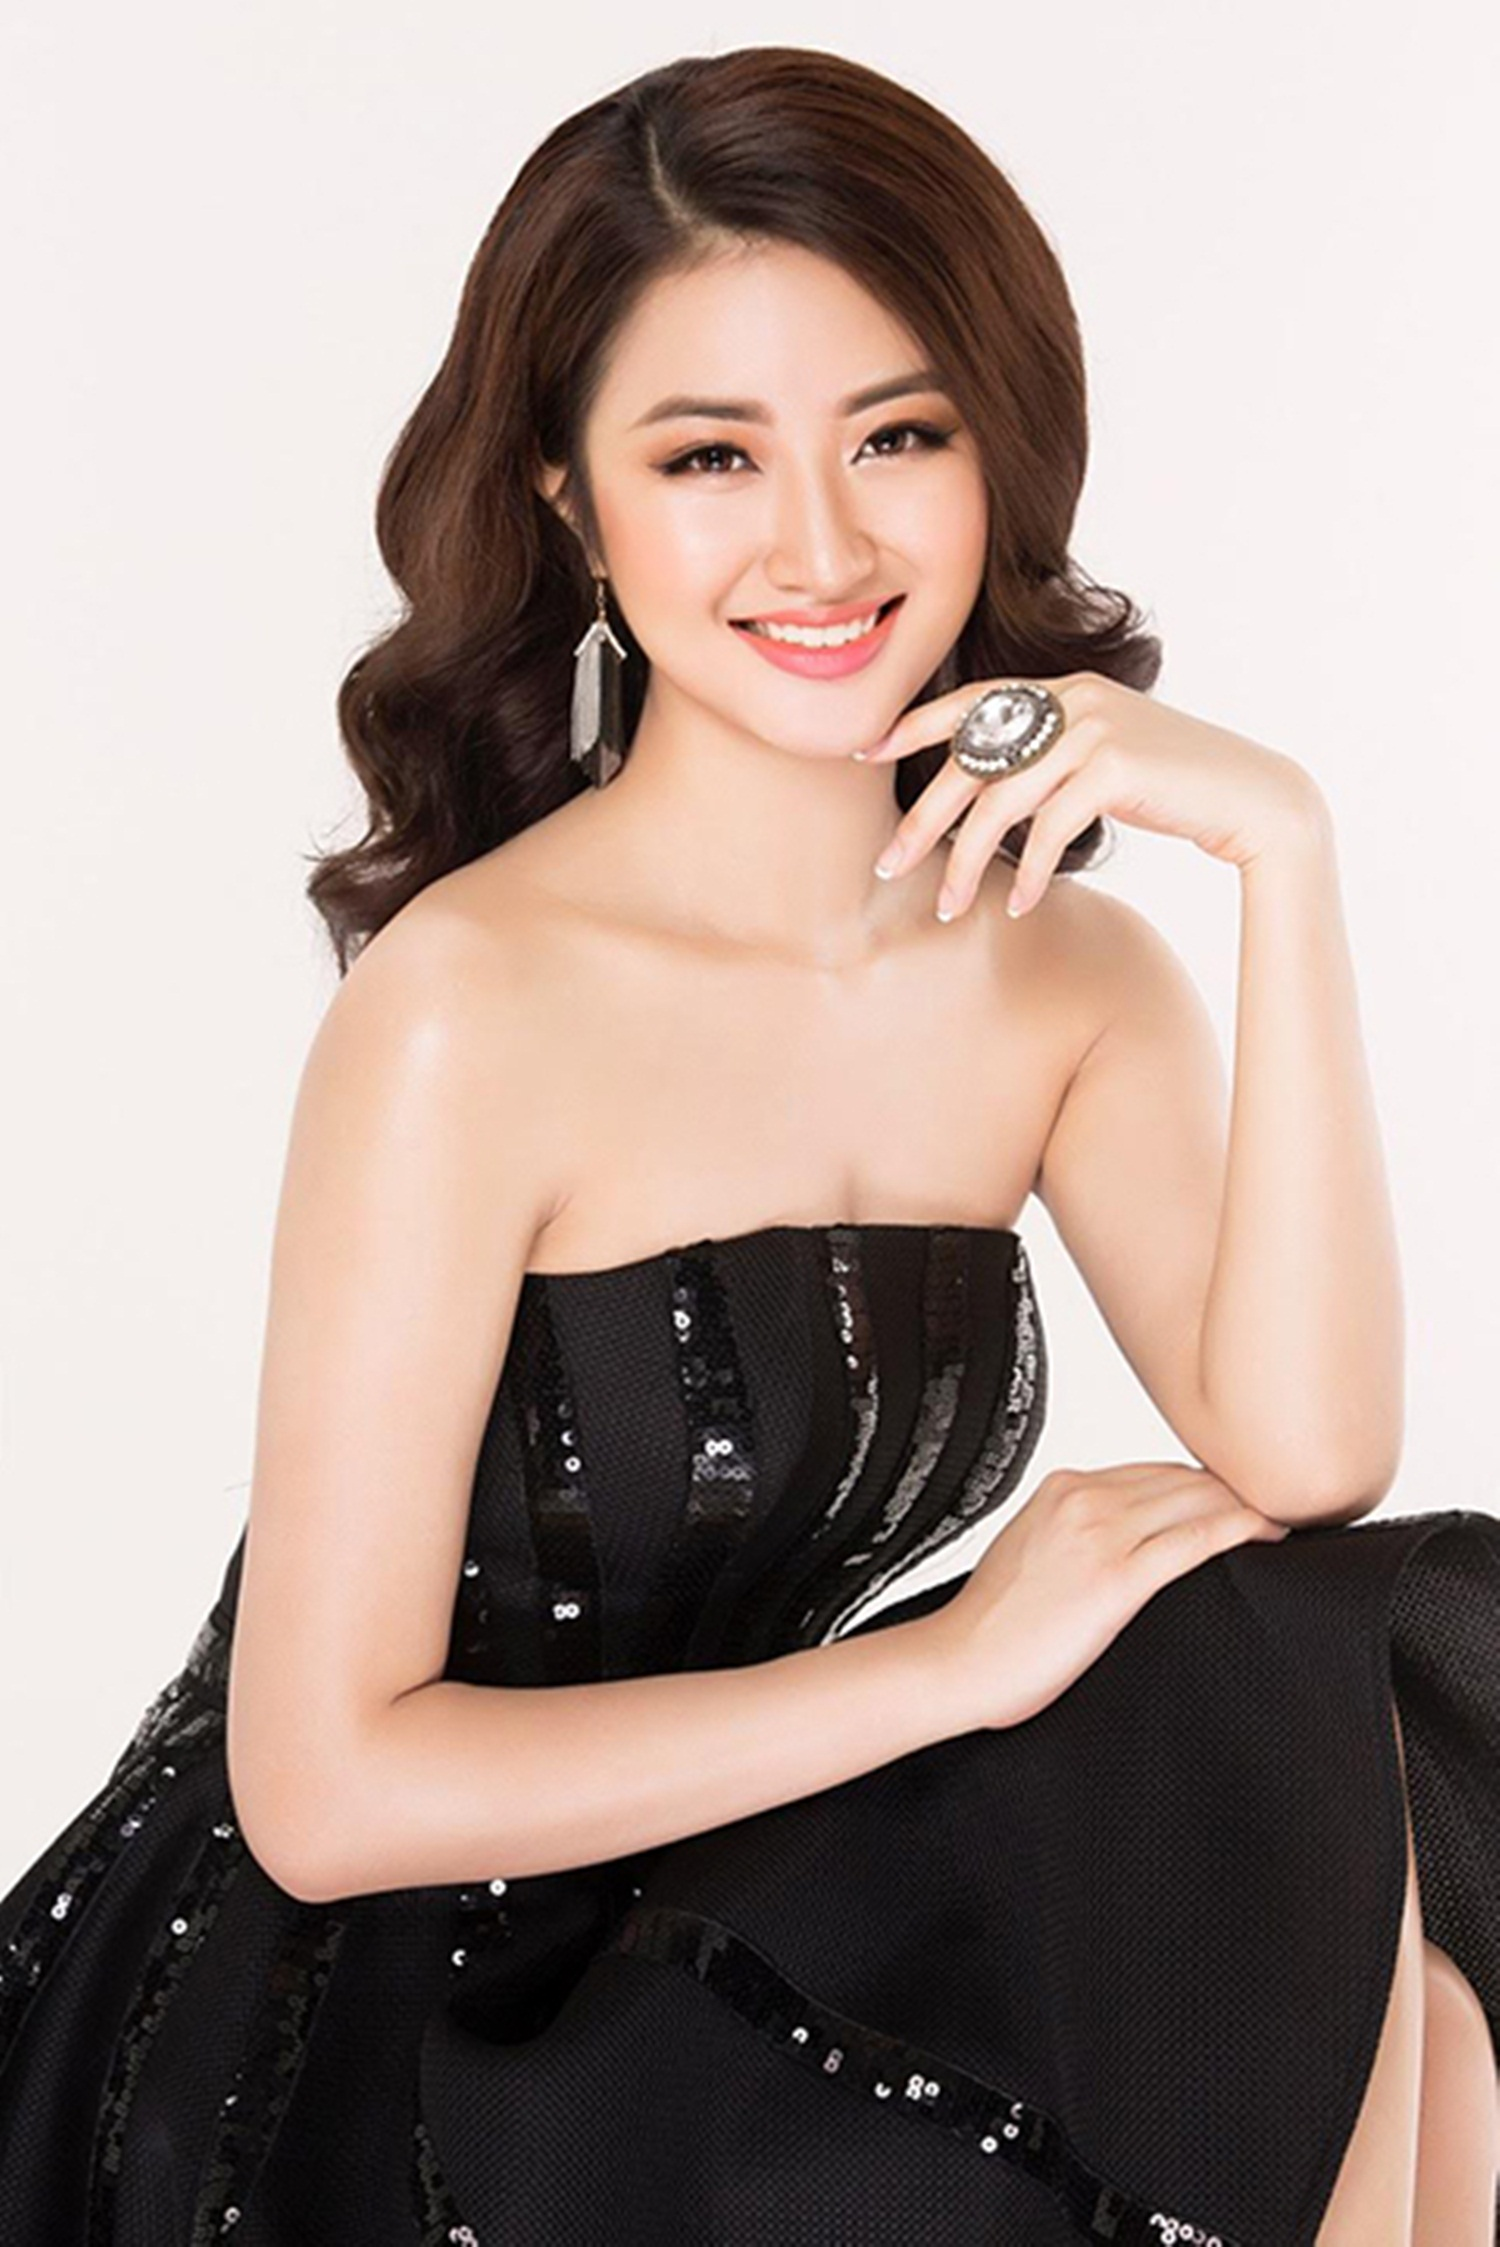 Hoa hậu Bản sắc Việt toàn cầu 2016 - người đẹp Trần Thị Thu Ngân - sinh năm 1996 là sinh viên ngành Quản trị khách sạn tại Thụy Sĩ.